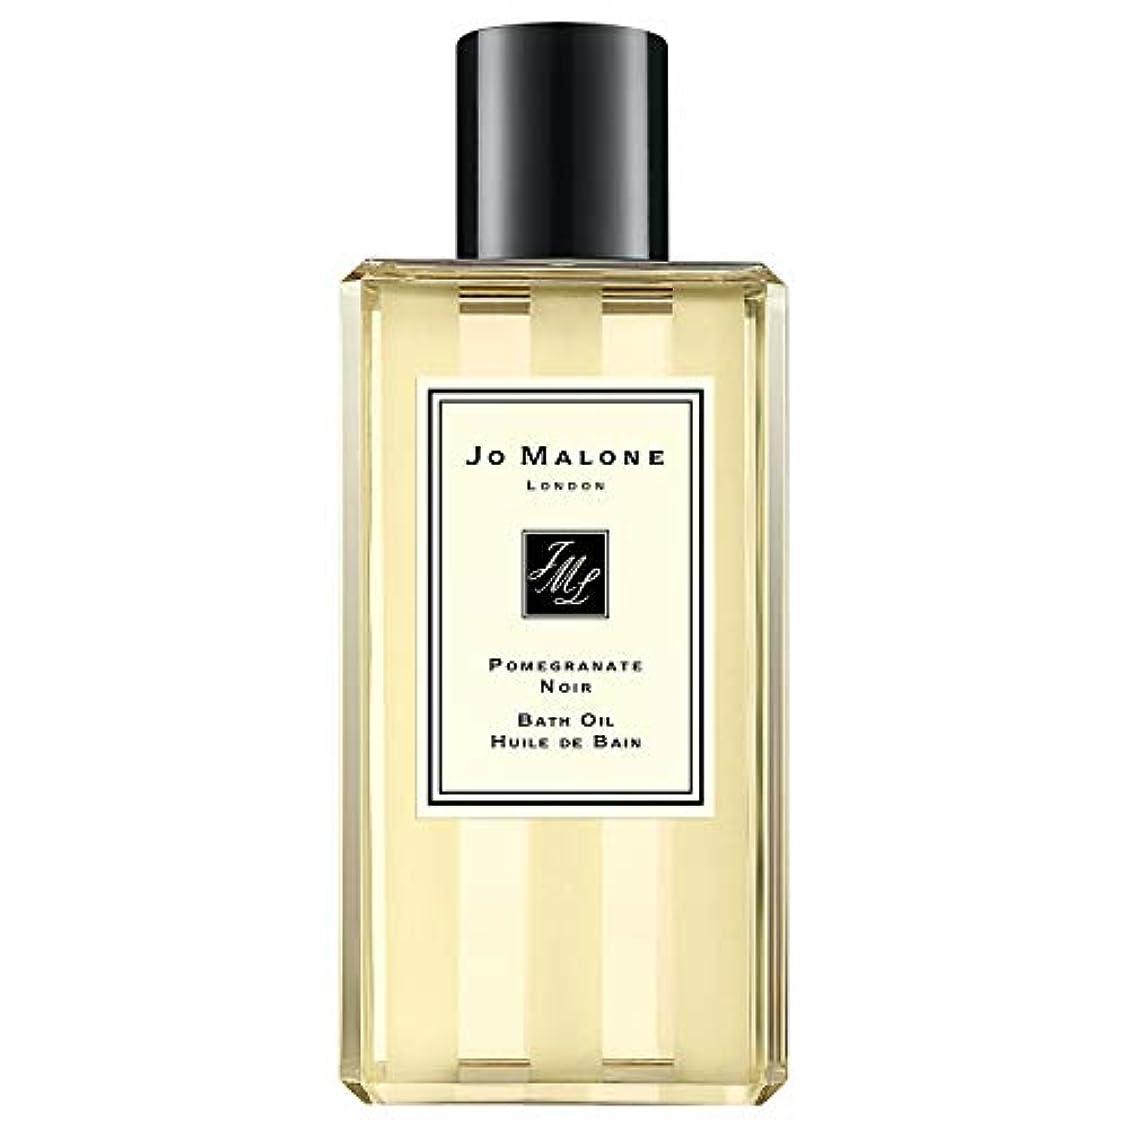 枯渇するどちらも追い払う[Jo Malone ] ジョーマローンロンドンザクロノワールバスオイル250ミリリットル - Jo Malone London Pomegranate Noir Bath Oil 250ml [並行輸入品]